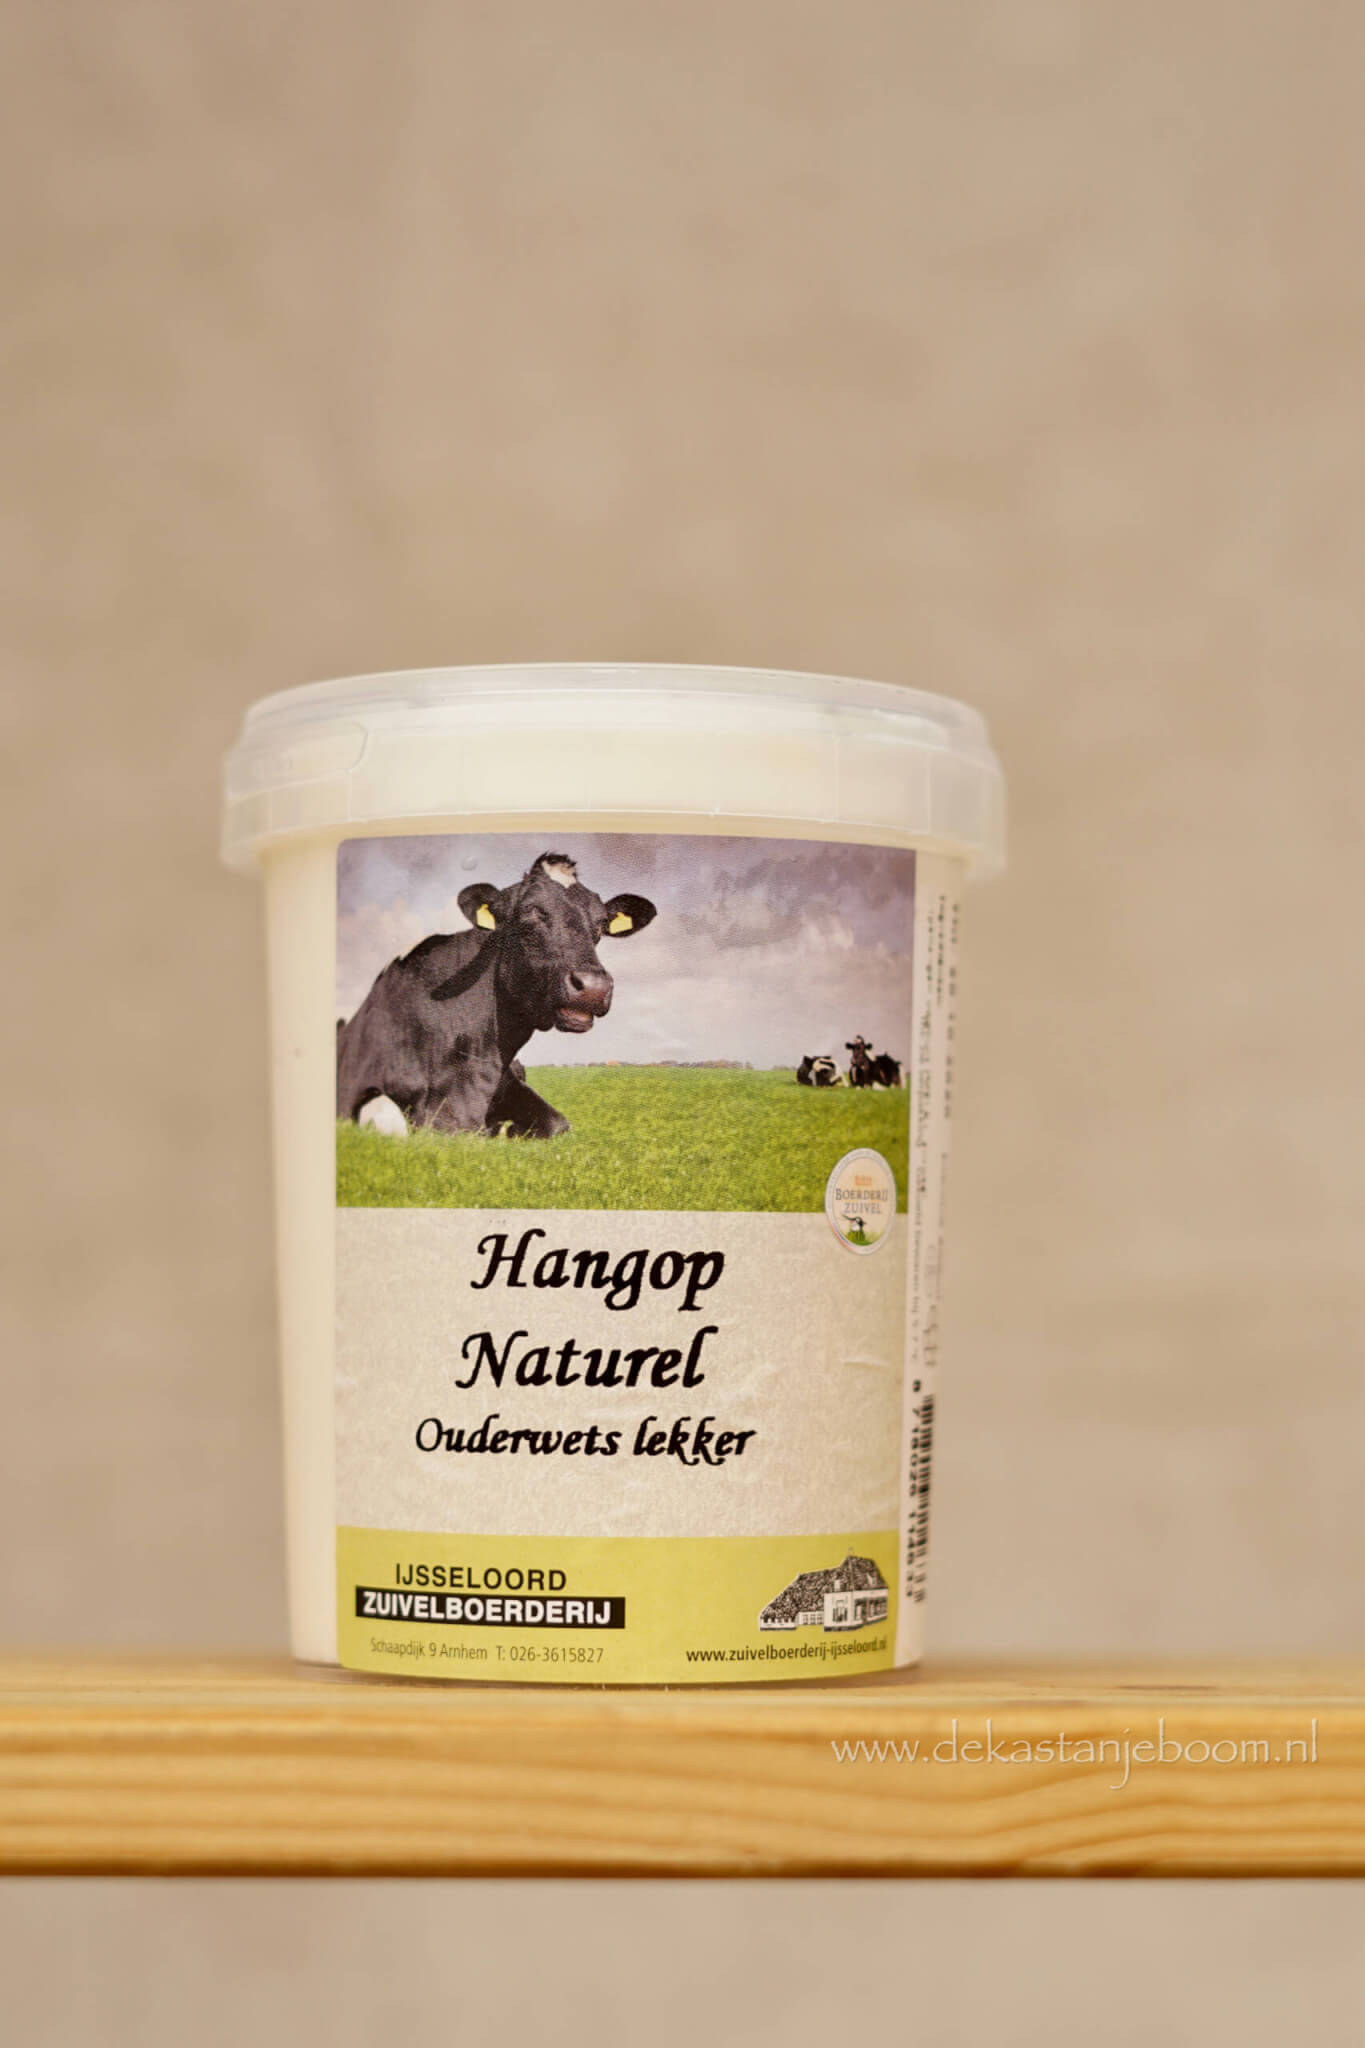 Hangop naturel ijsseloord